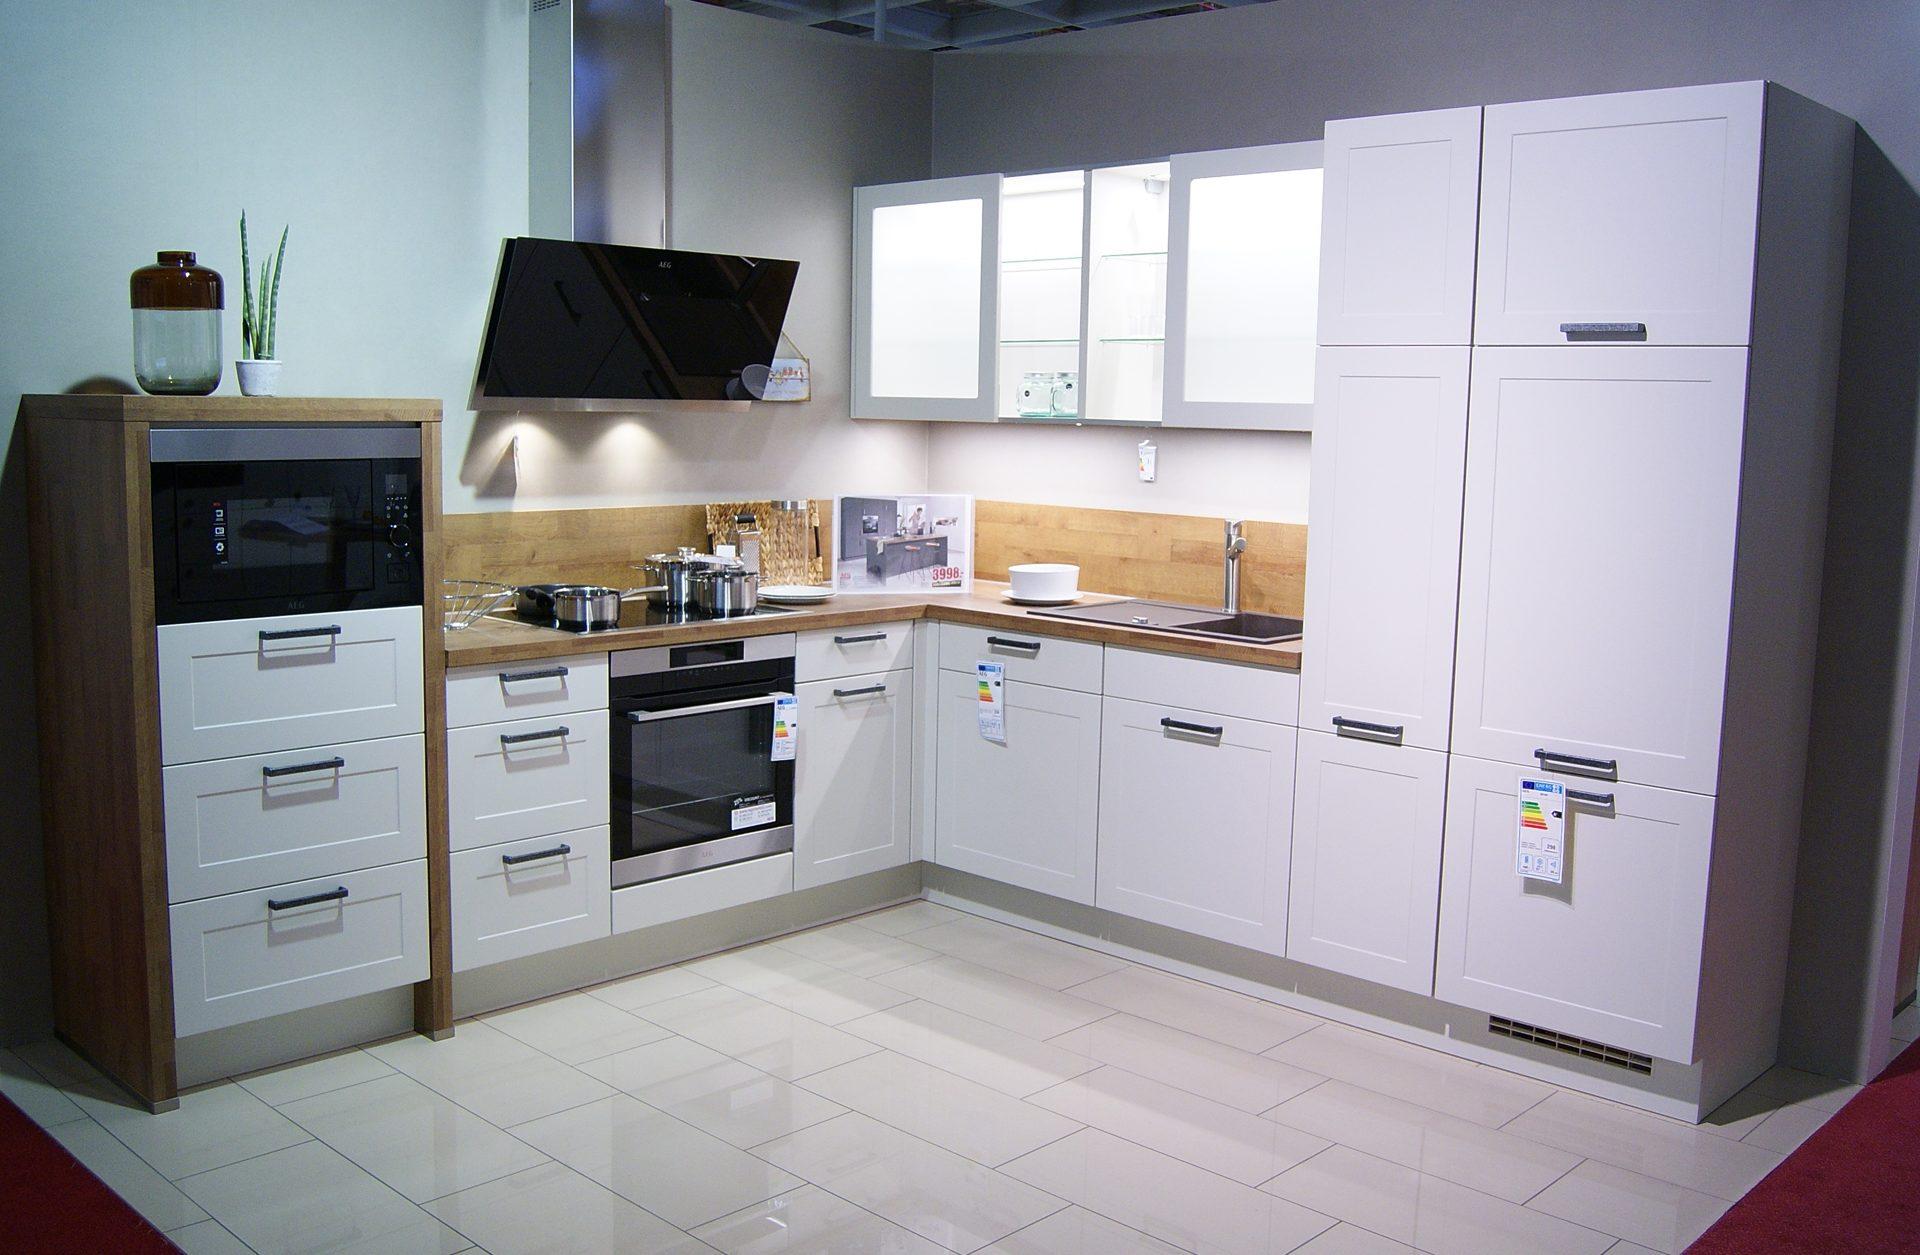 Möbel Busch , Räume, Küche, ALLES Küche, Culineo, Trendwerk ...